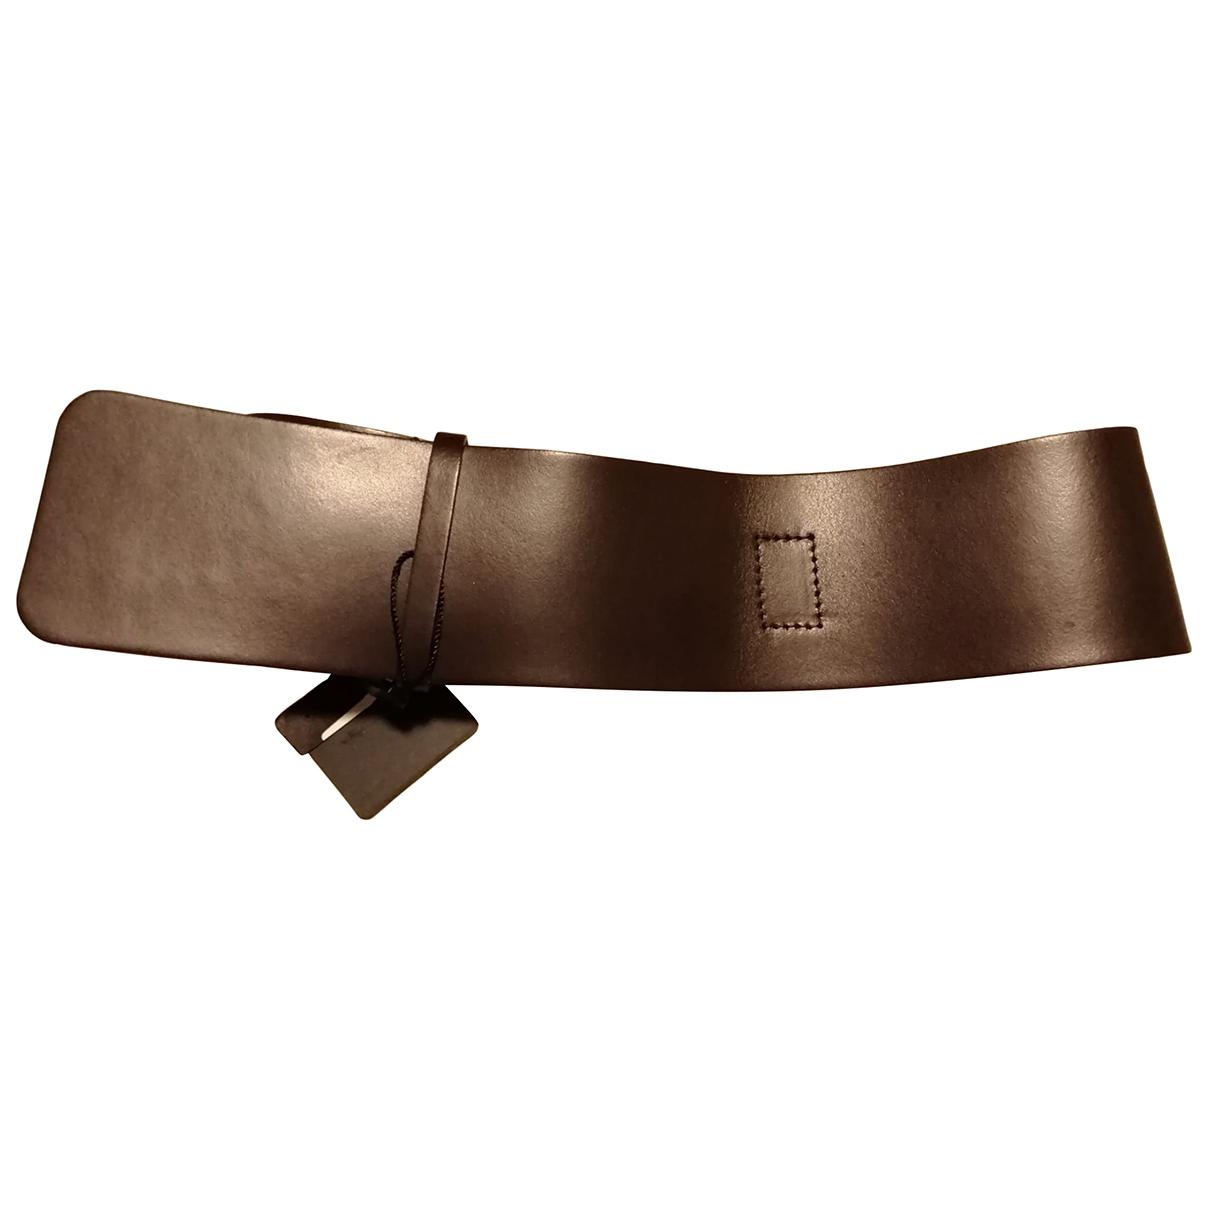 Cinturon de Cuero Hotel Particulier